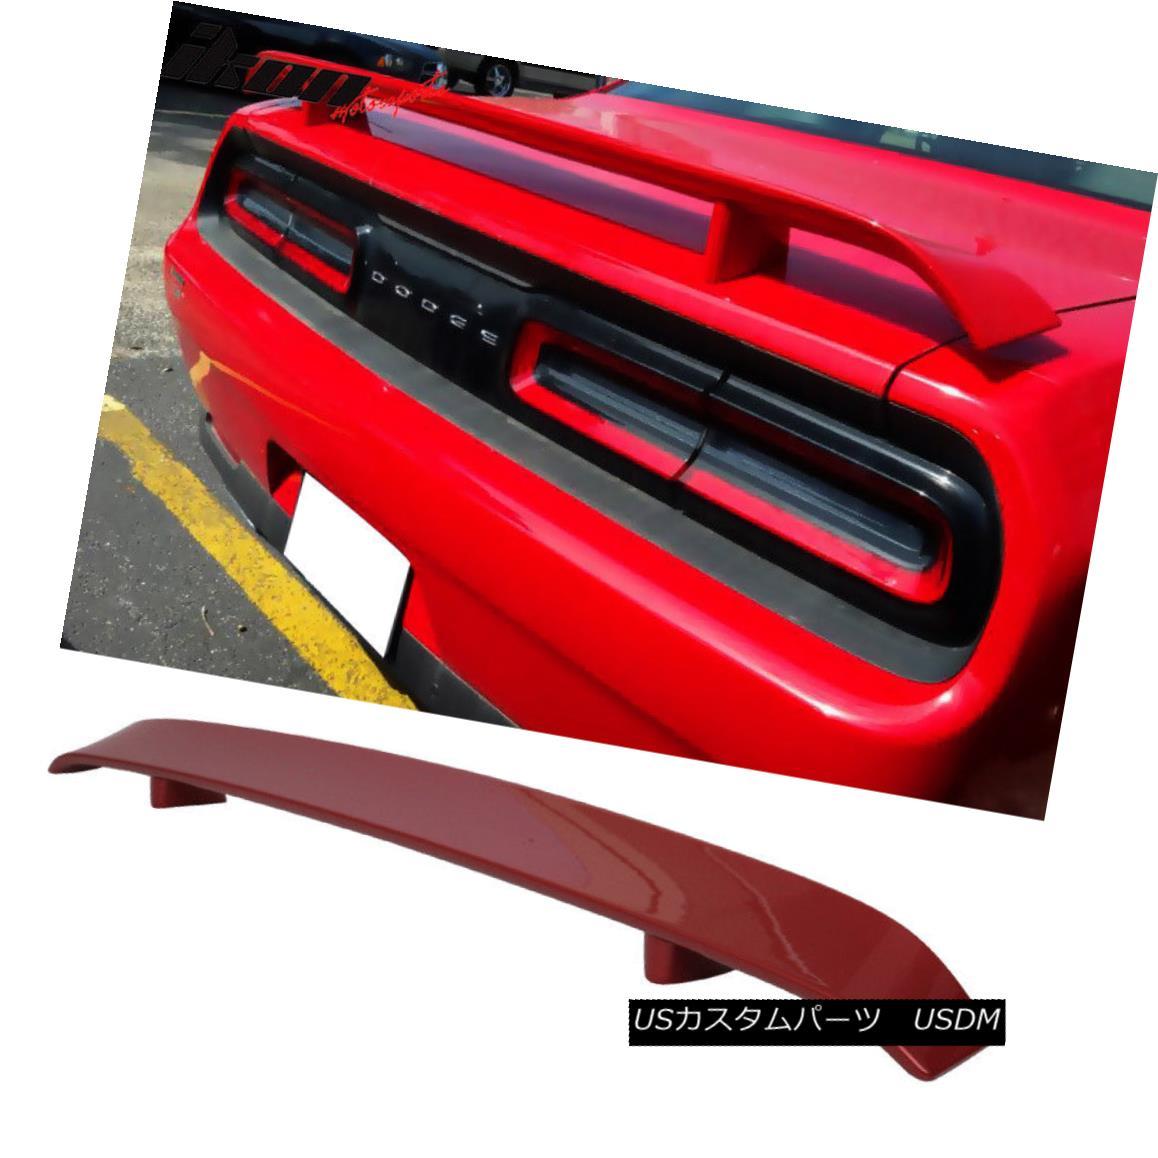 エアロパーツ 08-14 Dodge Challenger OE Trunk Spoiler Painted Inferno Red Crystal Pearl 08-14ダッジチャレンジャーOEトランク・スポイラーペイント・インフェルノレッド・クリスタル・パール